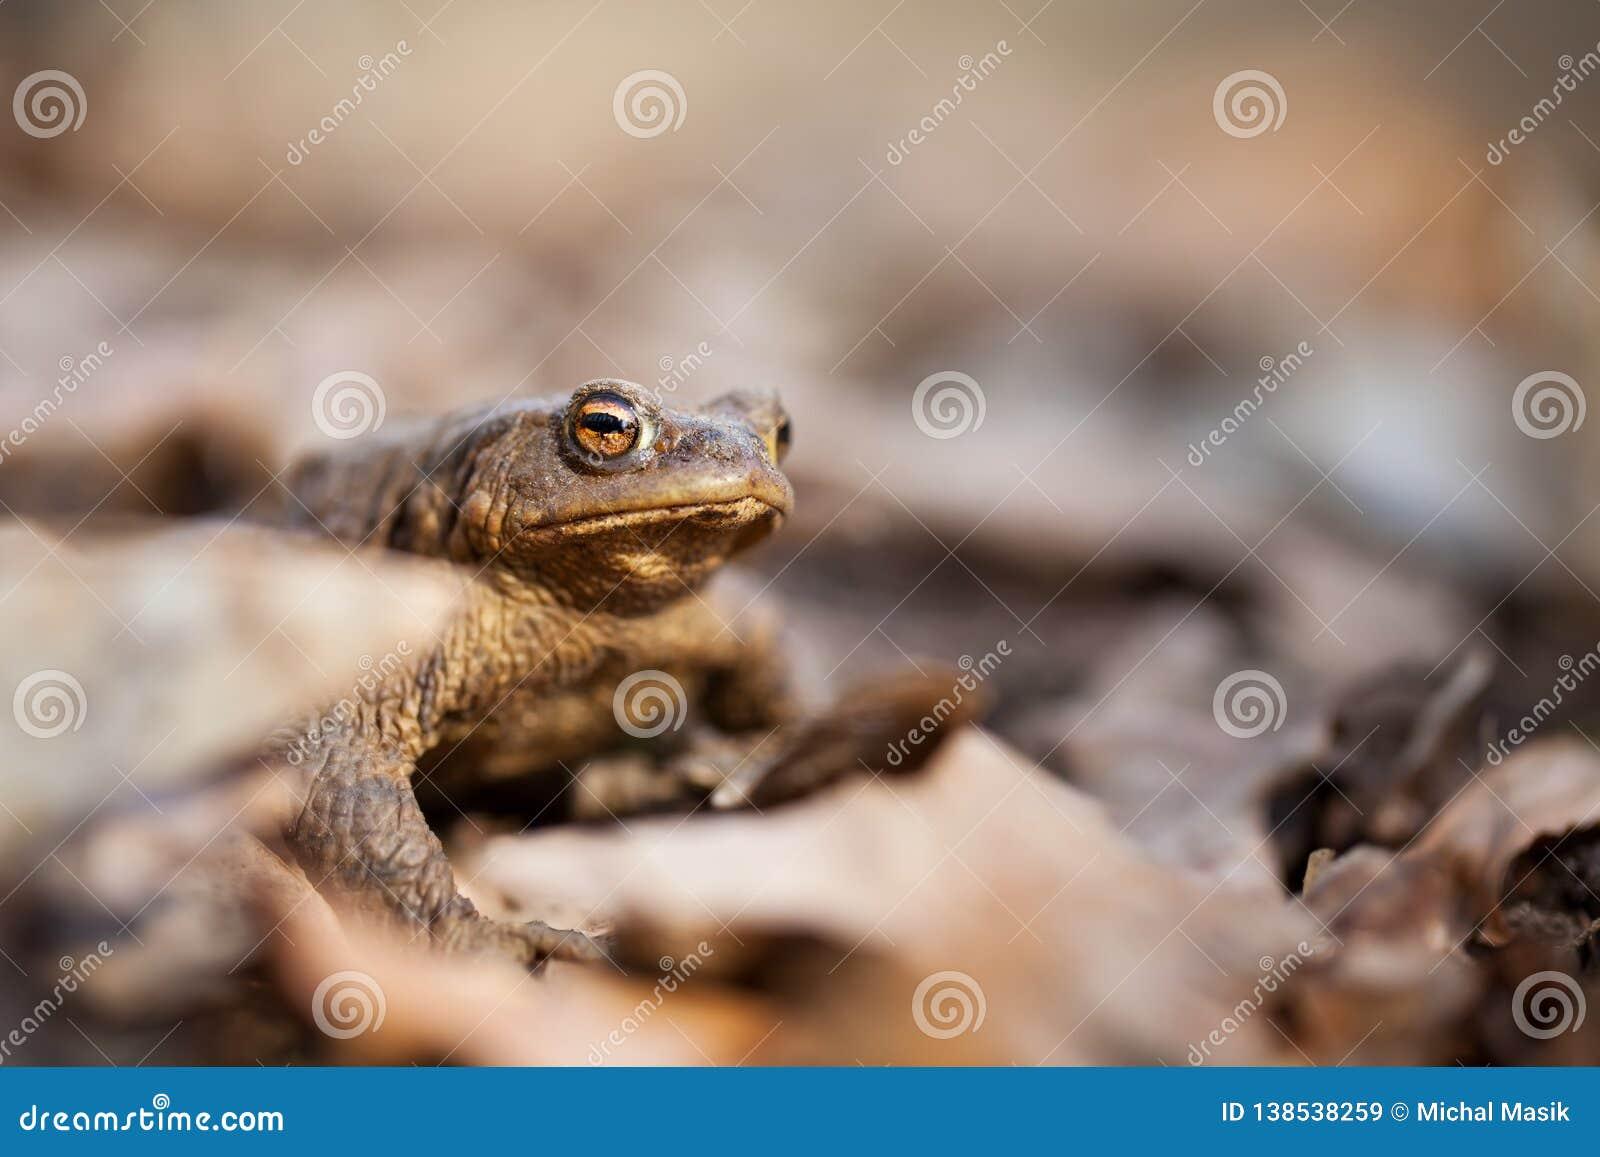 Bufo-bufo Wilde Natur Schöne Abbildung Art der Tschechischen Republik Frosch Vom Frosch-Leben tier amphibie Schönheit einer Lands